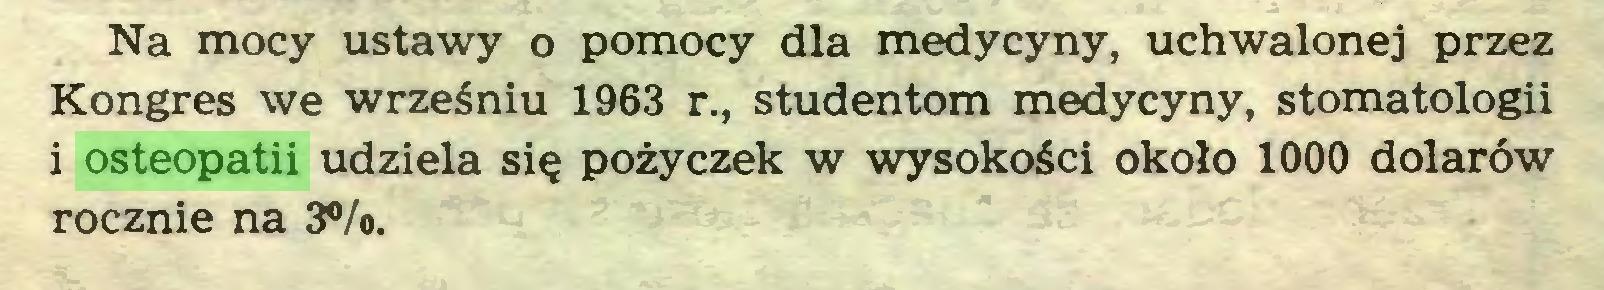 (...) Na mocy ustawy o pomocy dla medycyny, uchwalonej przez Kongres we wrześniu 1963 r., studentom medycyny, stomatologii i osteopatii udziela się pożyczek w wysokości około 1000 dolarów rocznie na 3%...